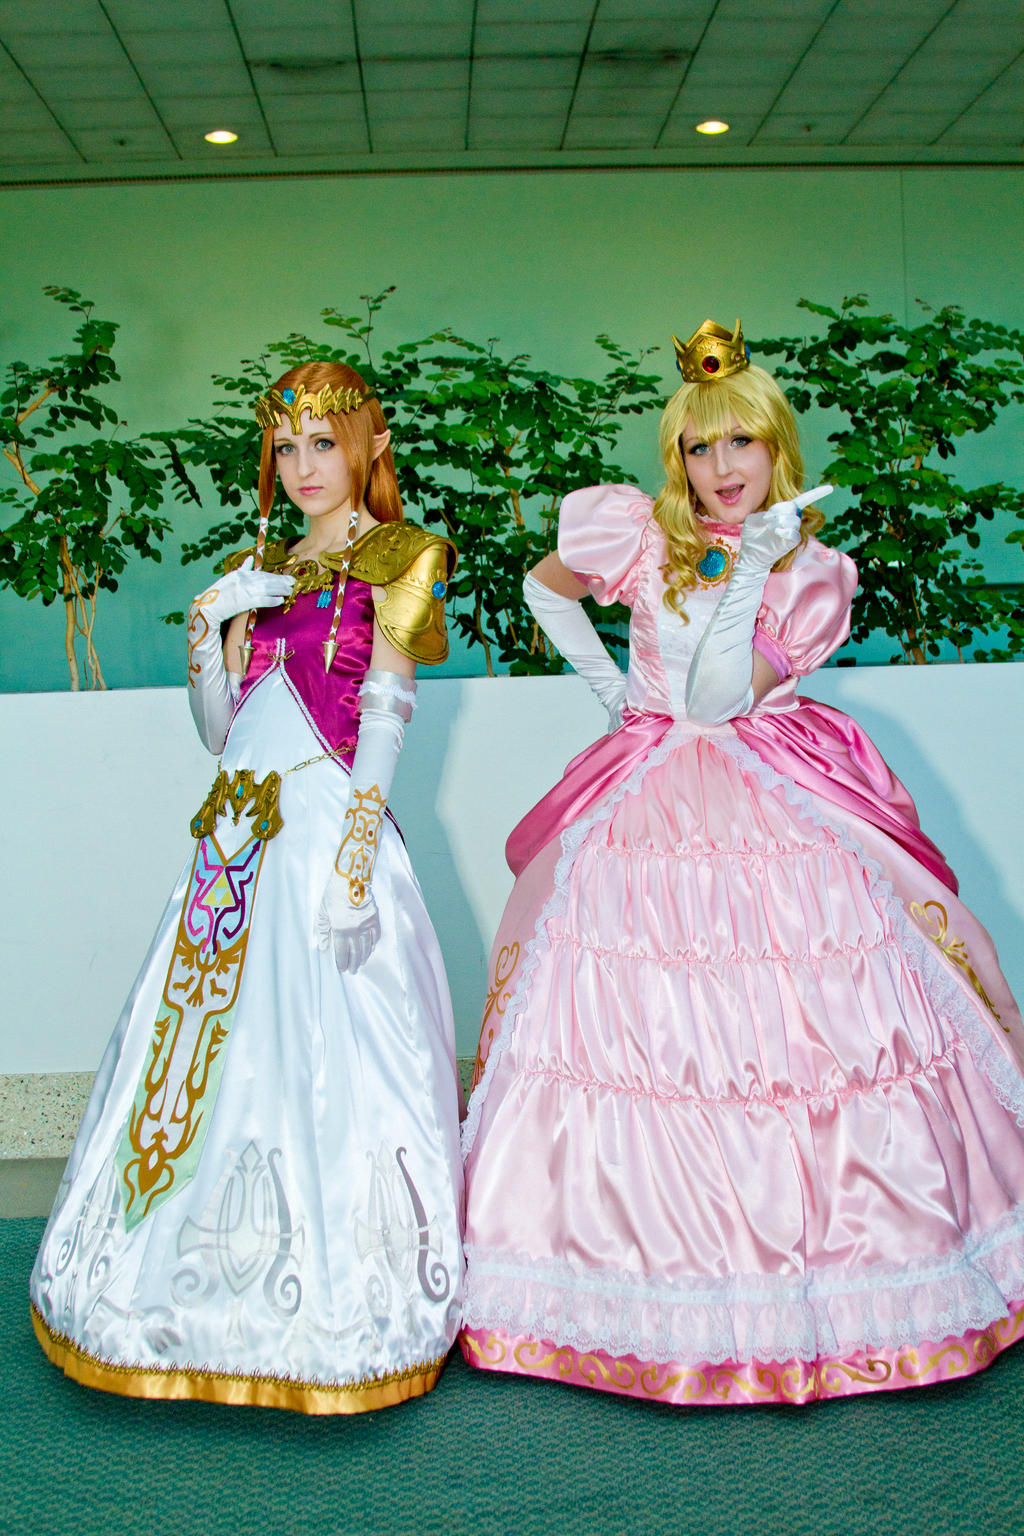 Anime Expo 11' 028 by ReblRC61